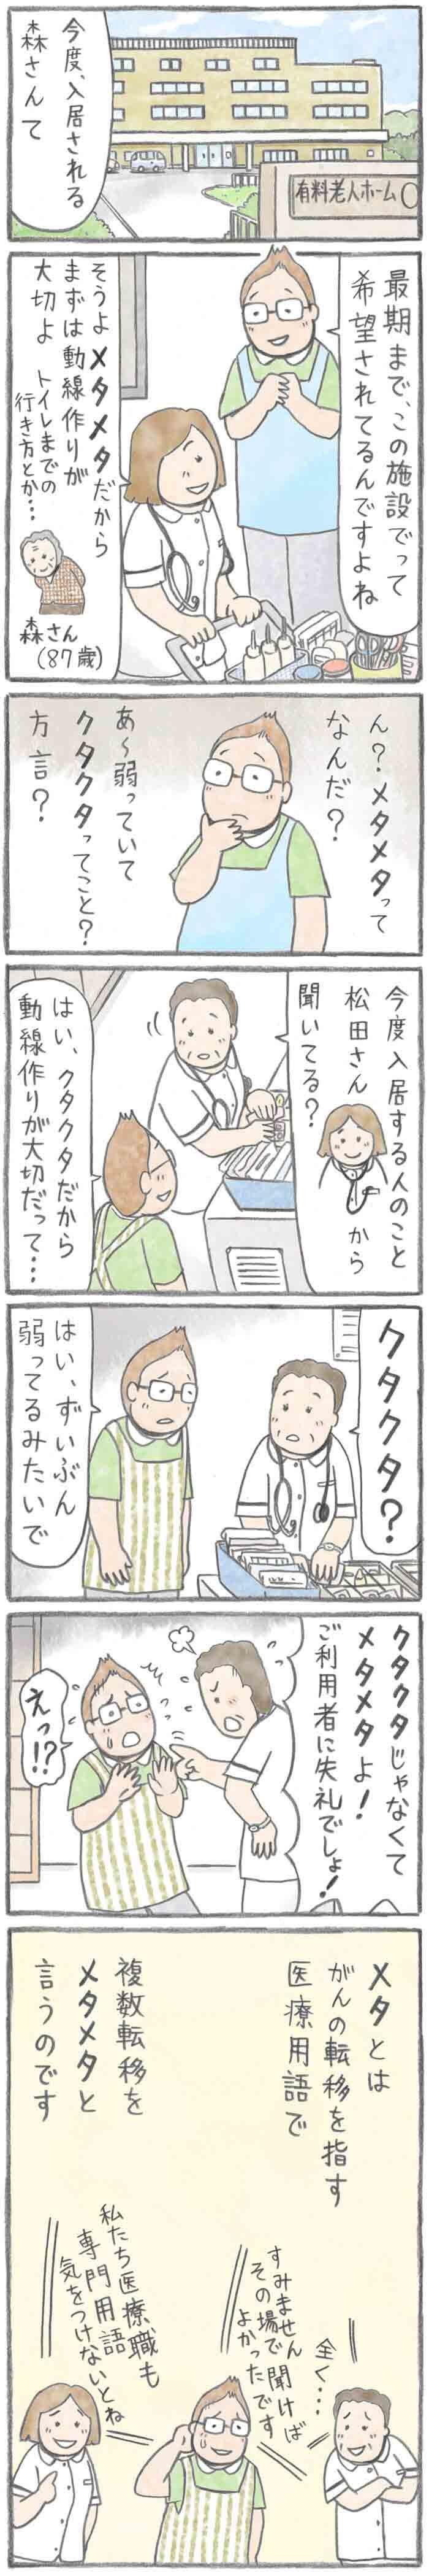 comictohoho_20200528_2_01.jpg